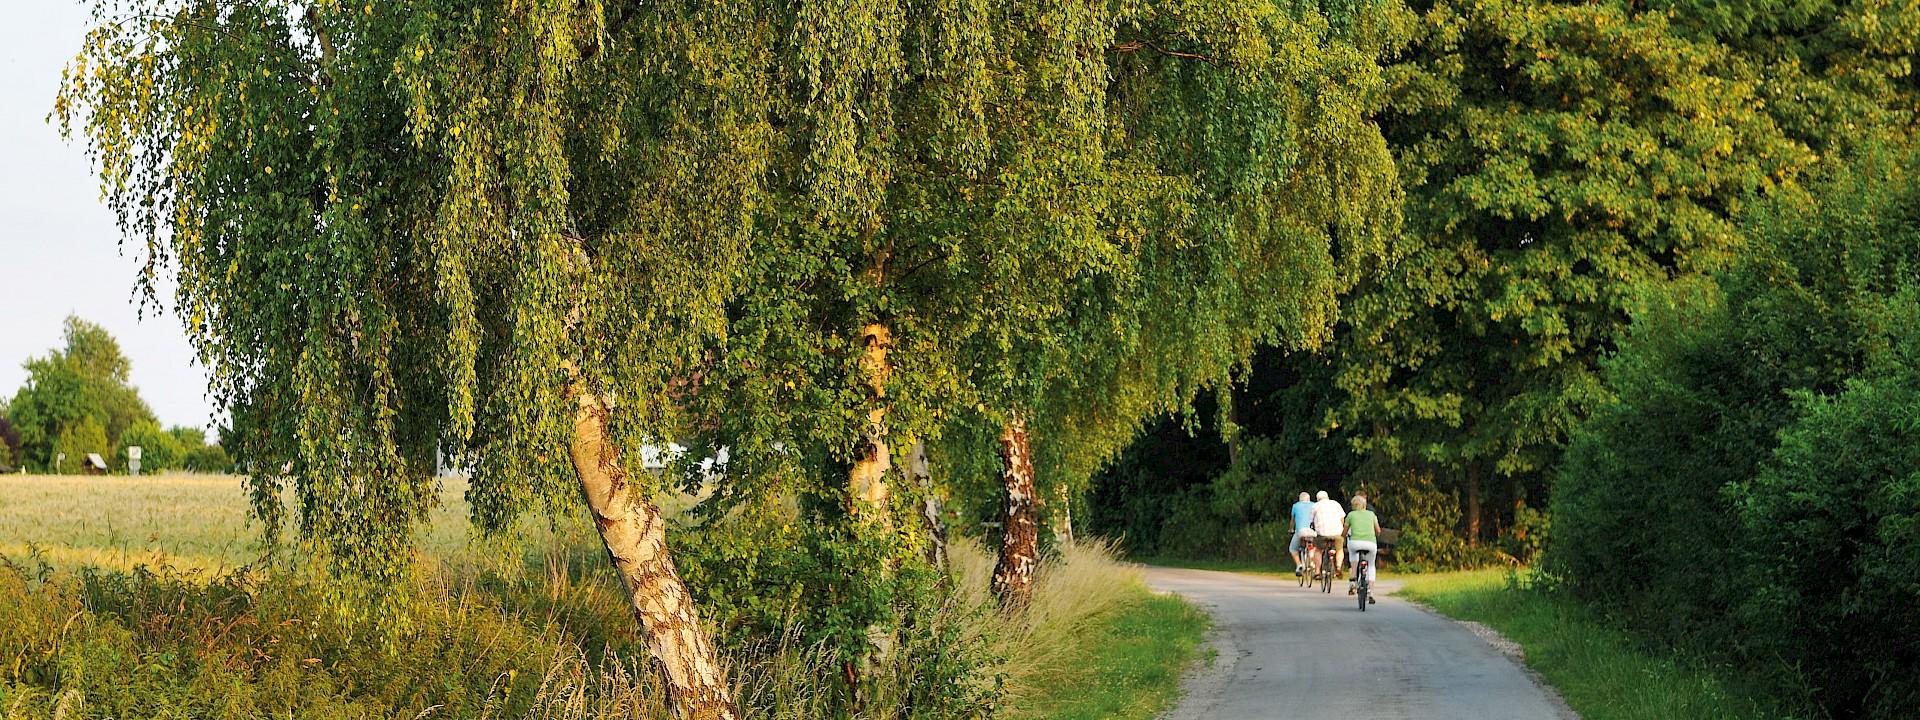 Den WerseRadweg in Beckum erleben 2 Tage | ab 47,- €